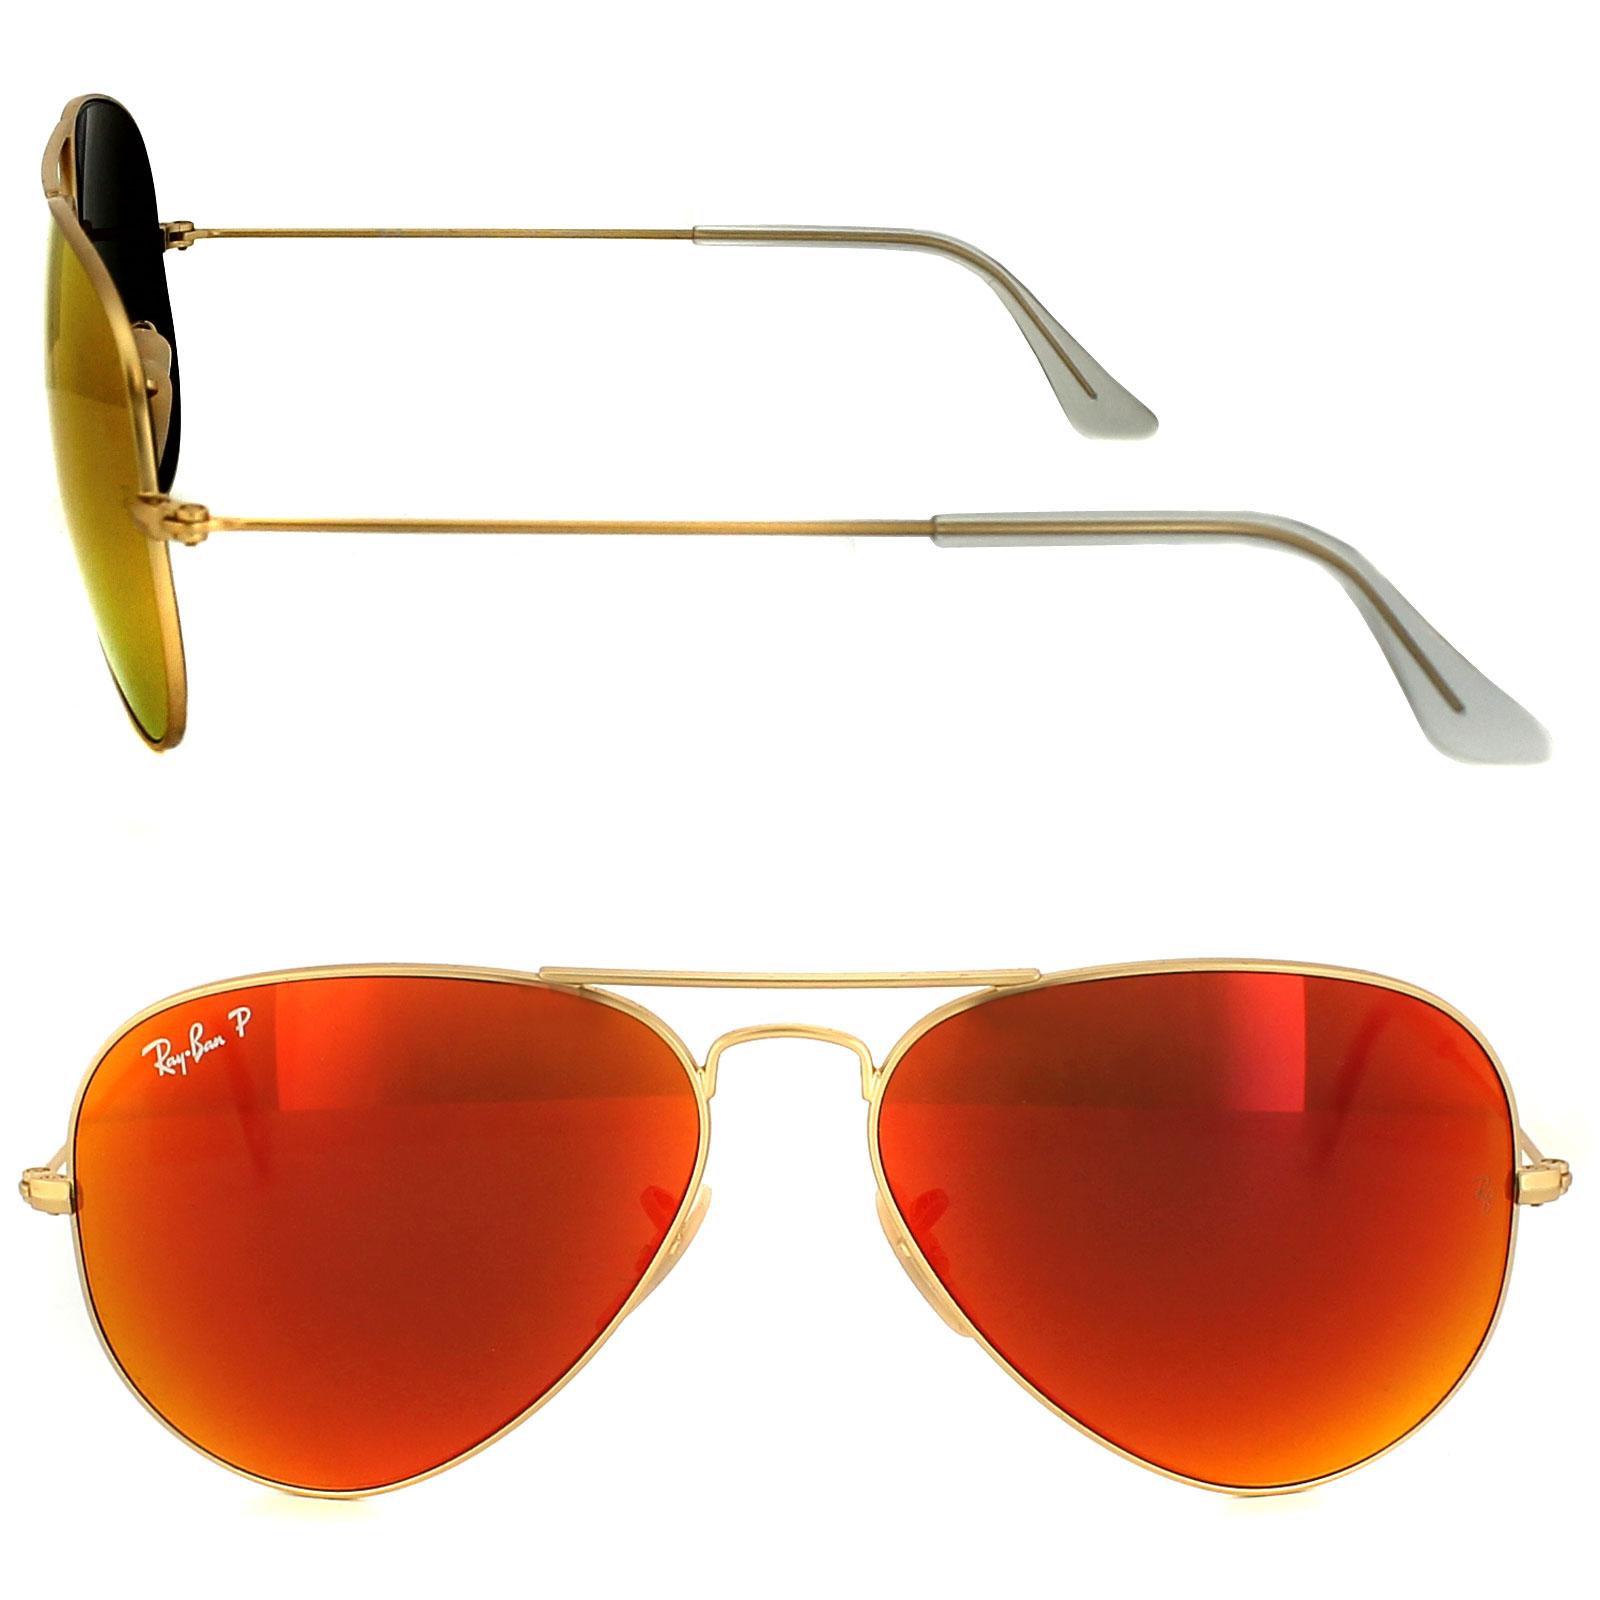 Ray-Ban Gafas de sol Aviador 3025 112 / 4d DORADO MATE ROJO ...